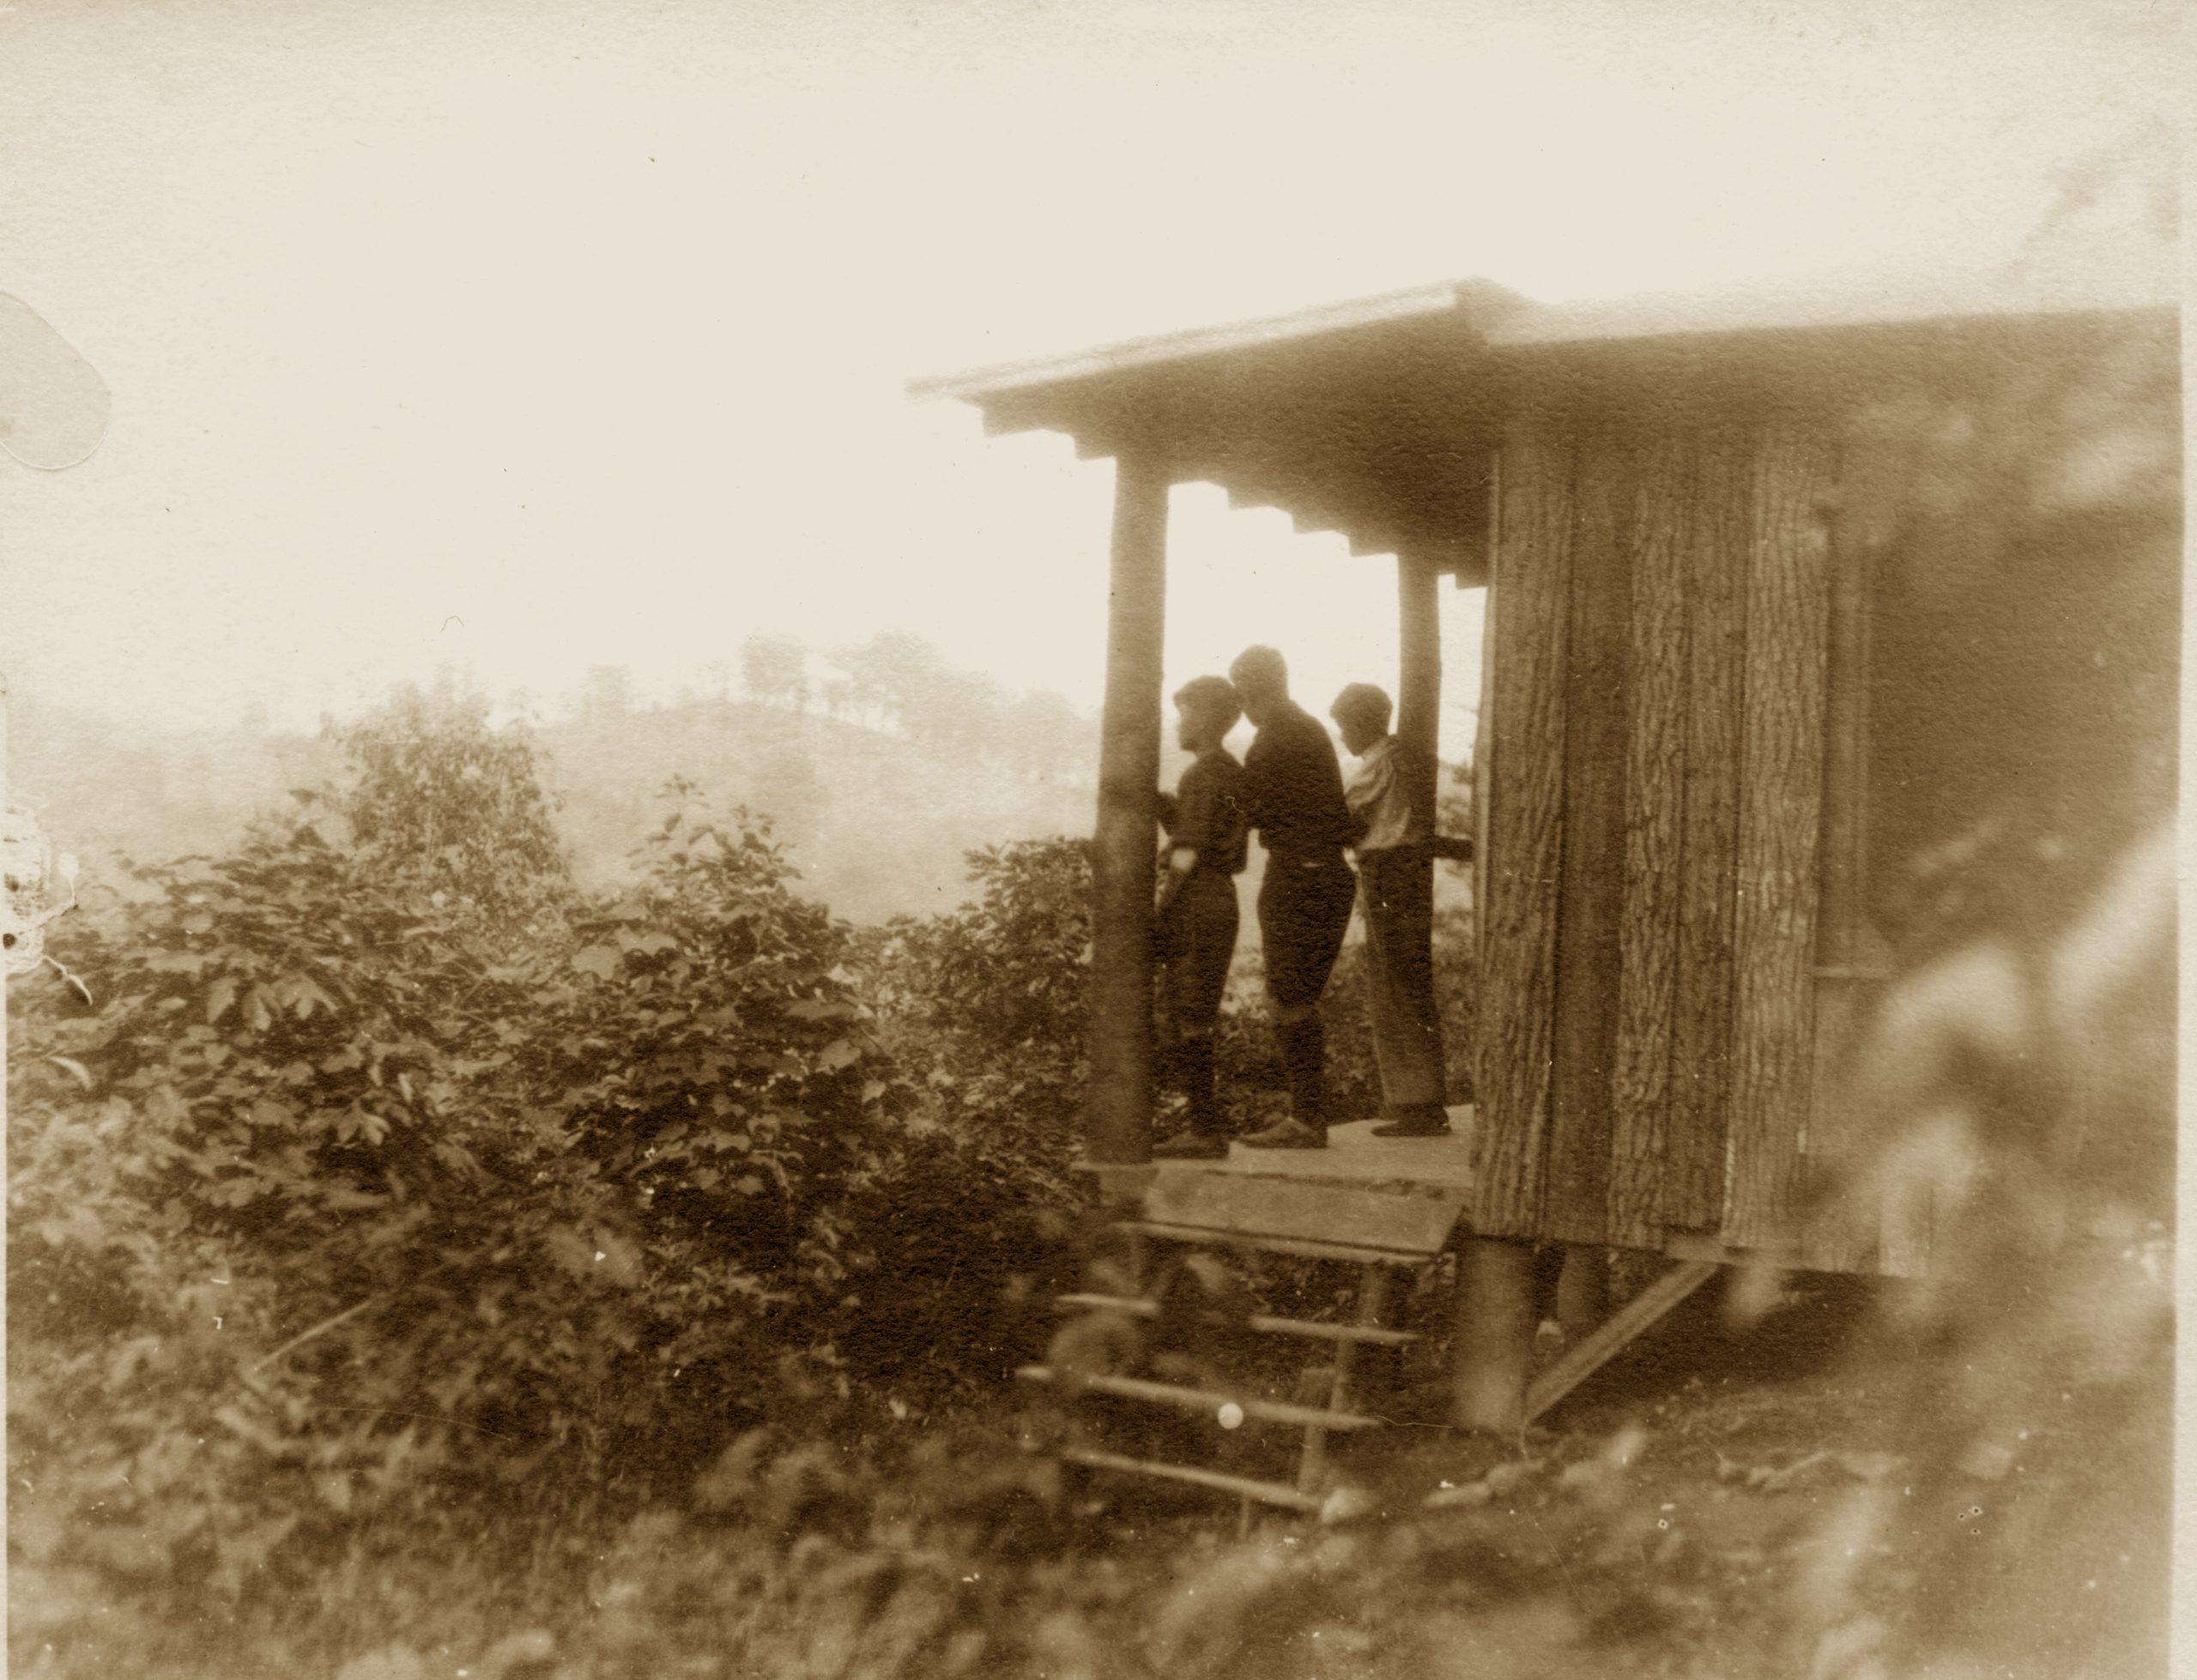 Shawnee Craft House in 1926